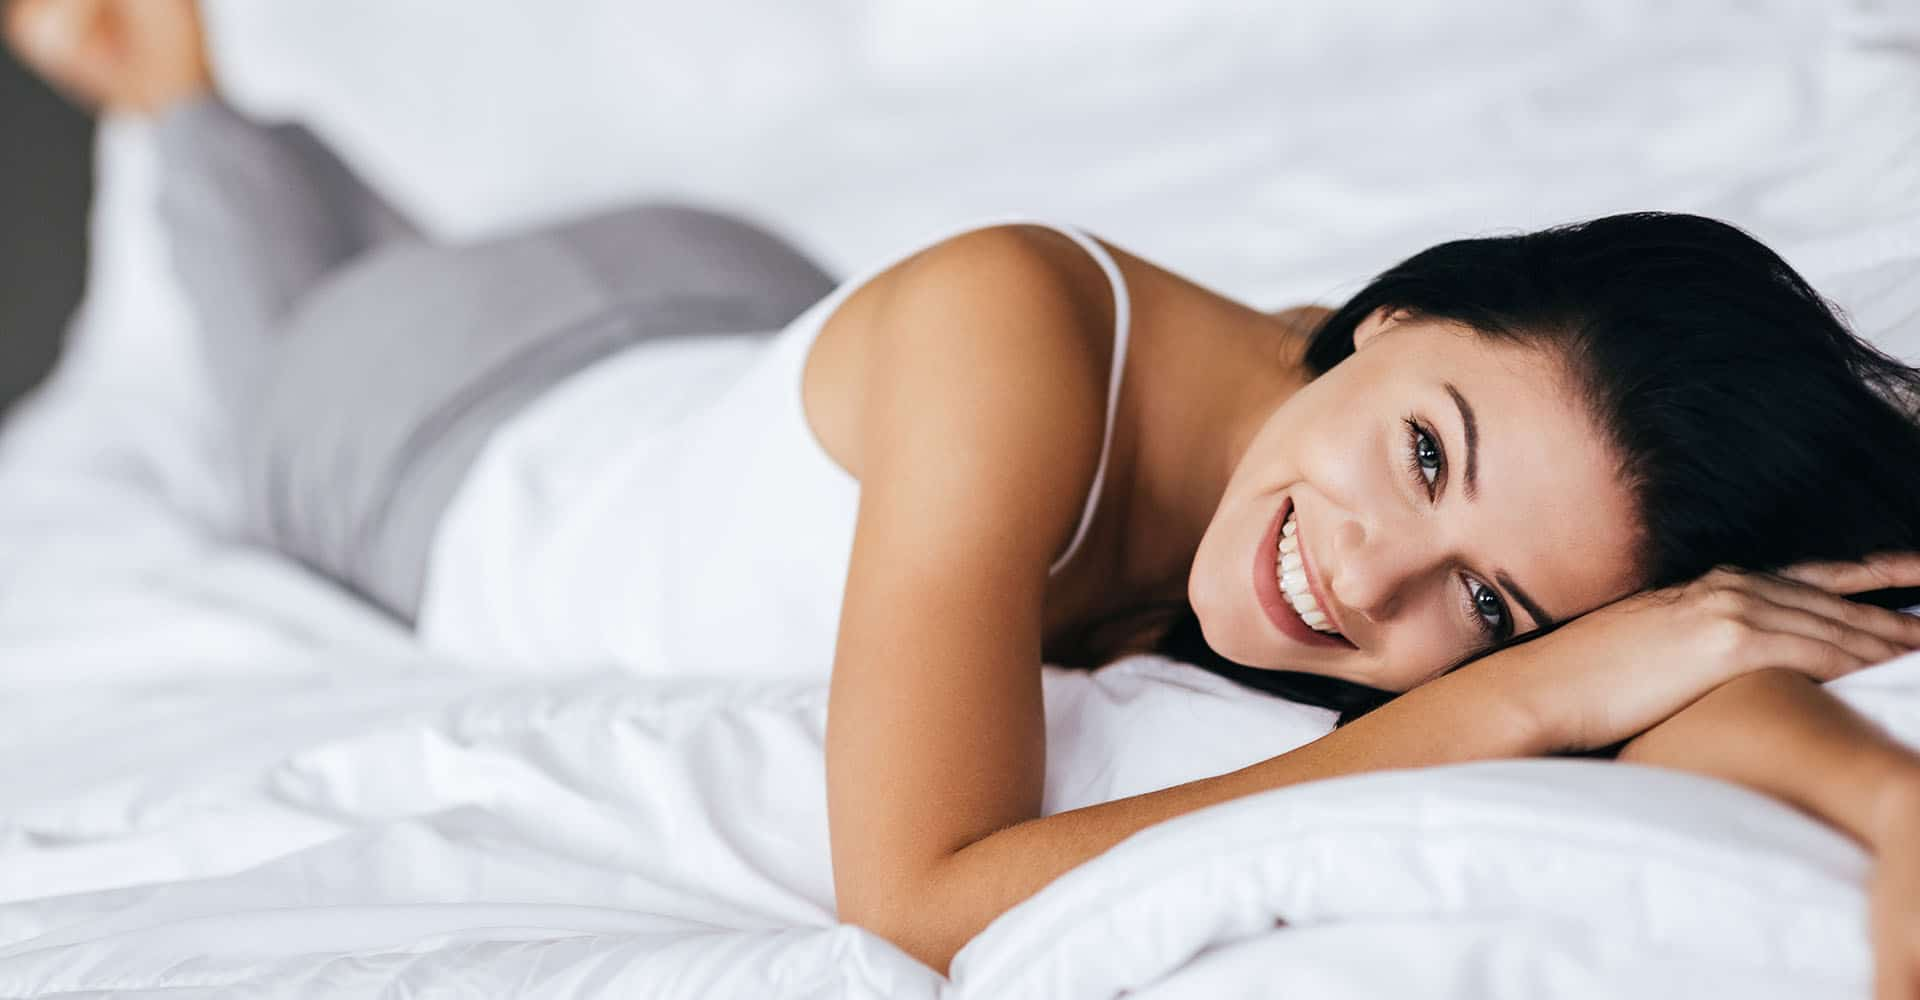 Bauchschläferin liegt auf Matratze